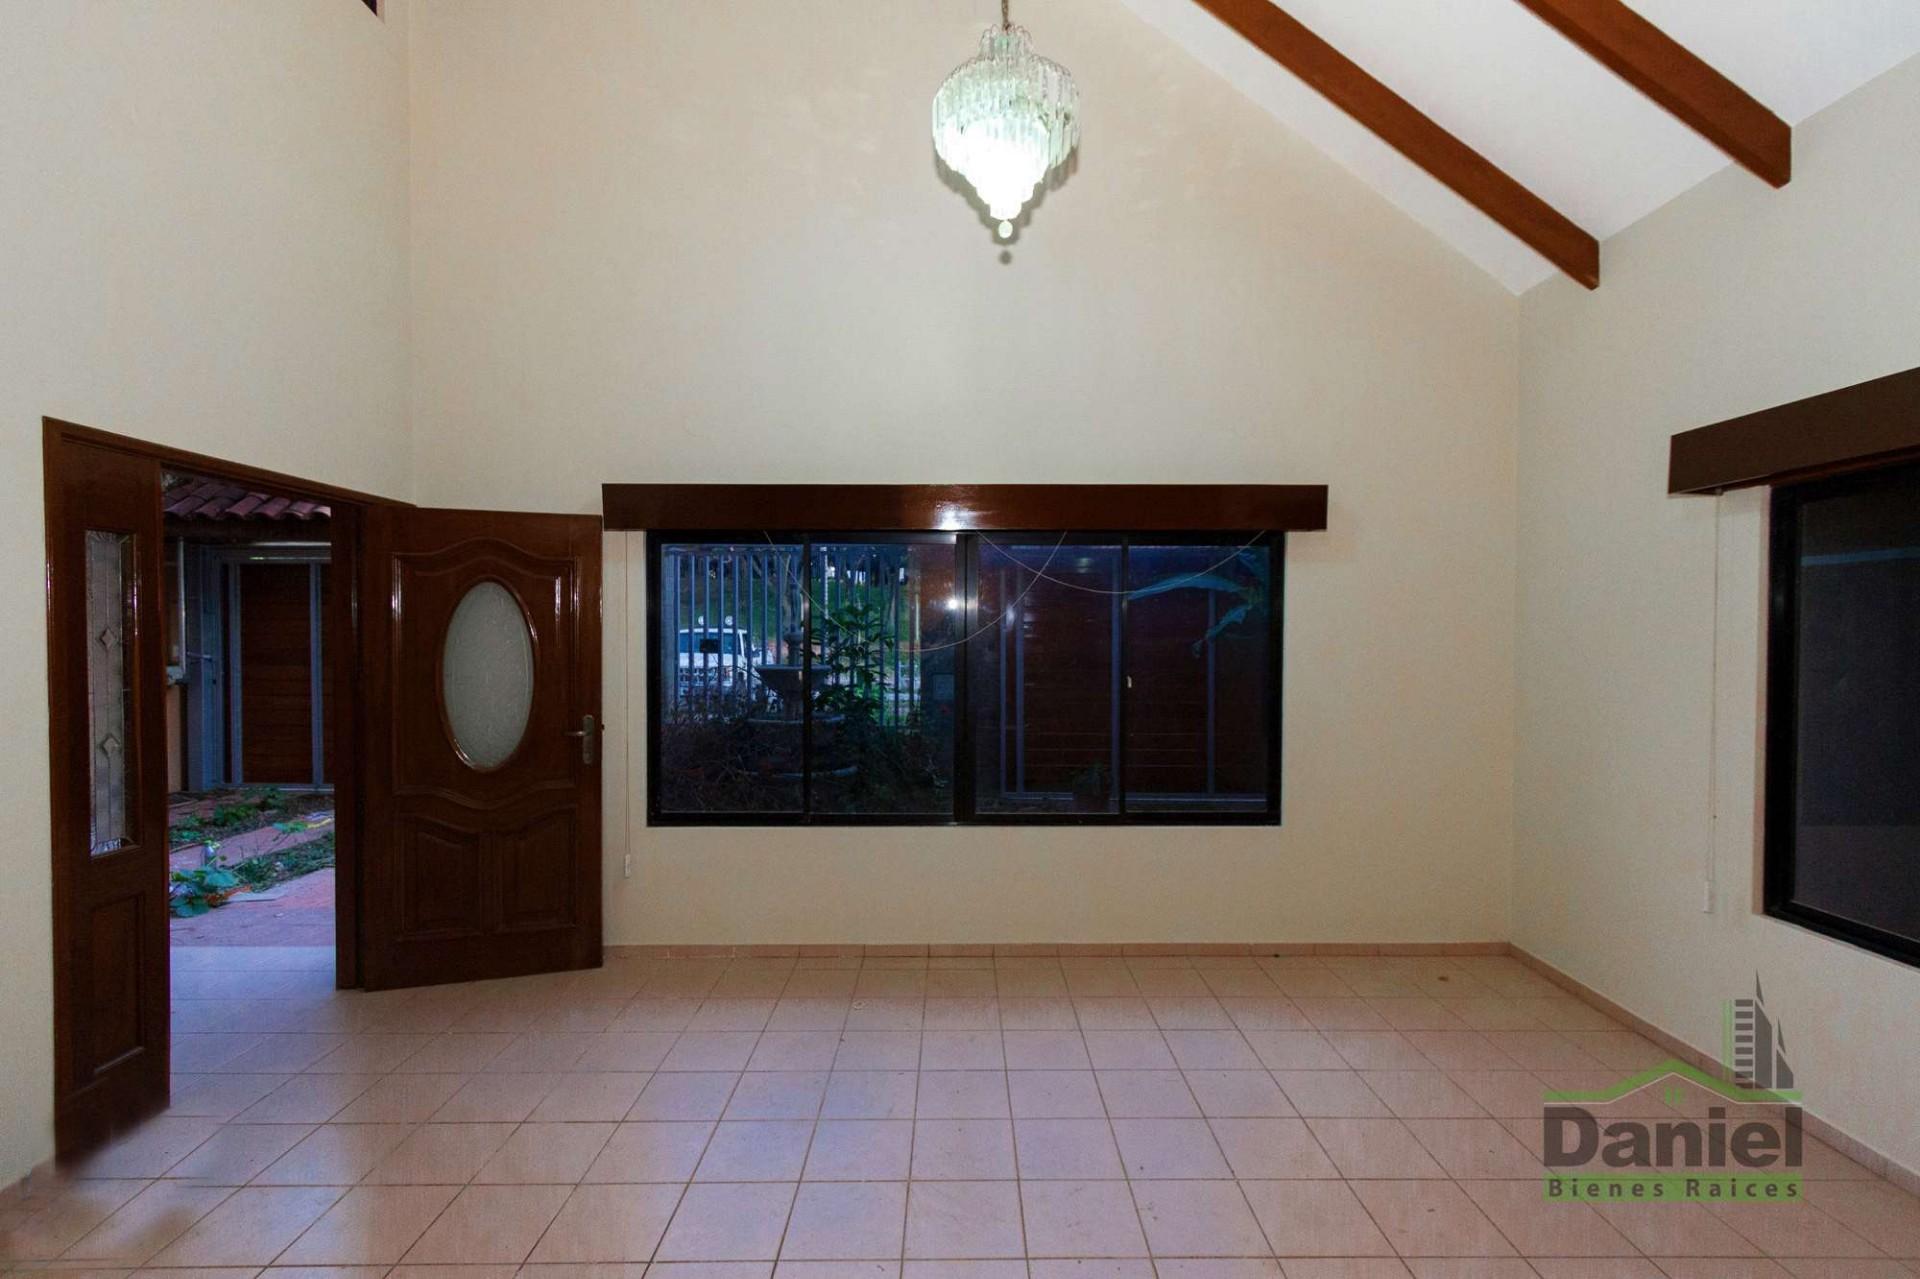 Casa en Venta CASA GRANDE ENTRE 4TO Y 5TO ANILLO RADIAL 27 Foto 2